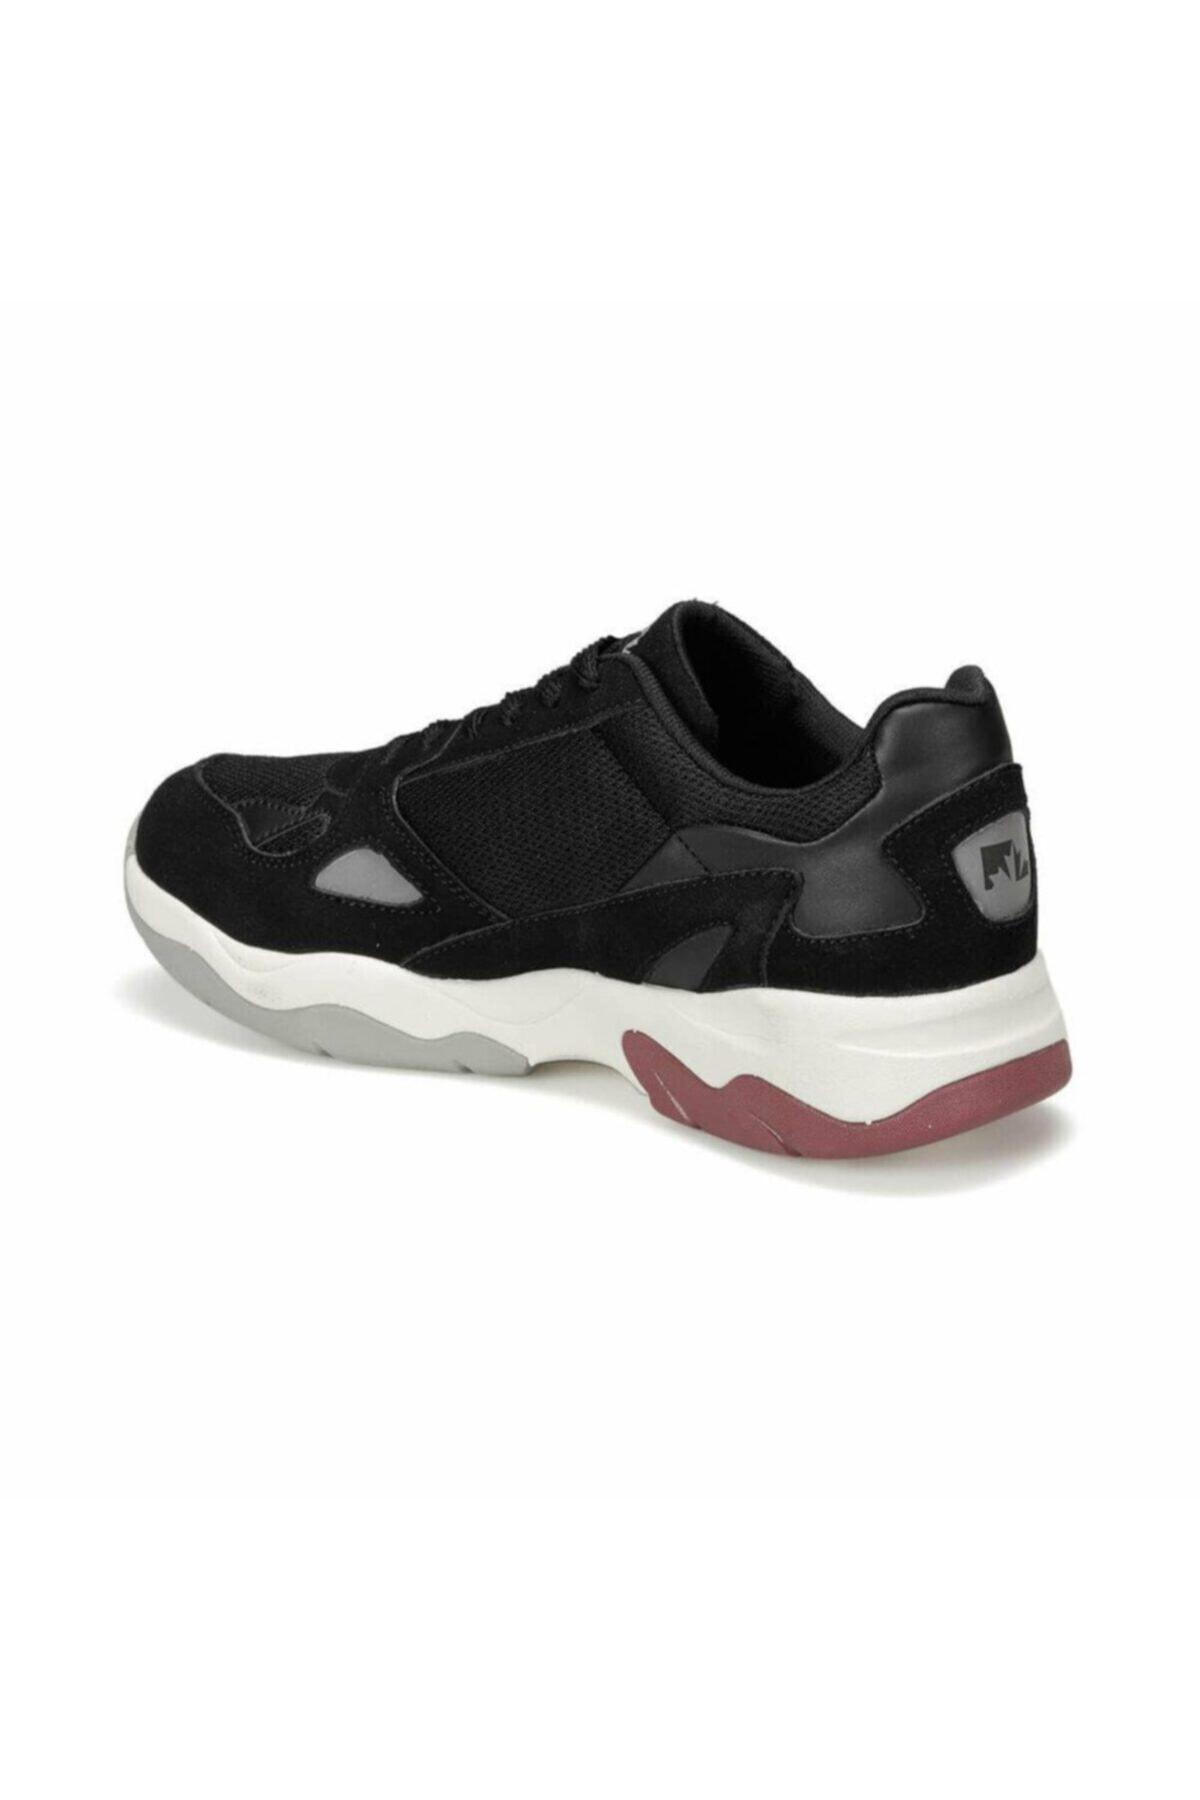 lumberjack Grace Siyah Kadın Günlük Koşu Spor Ayakkabı 2